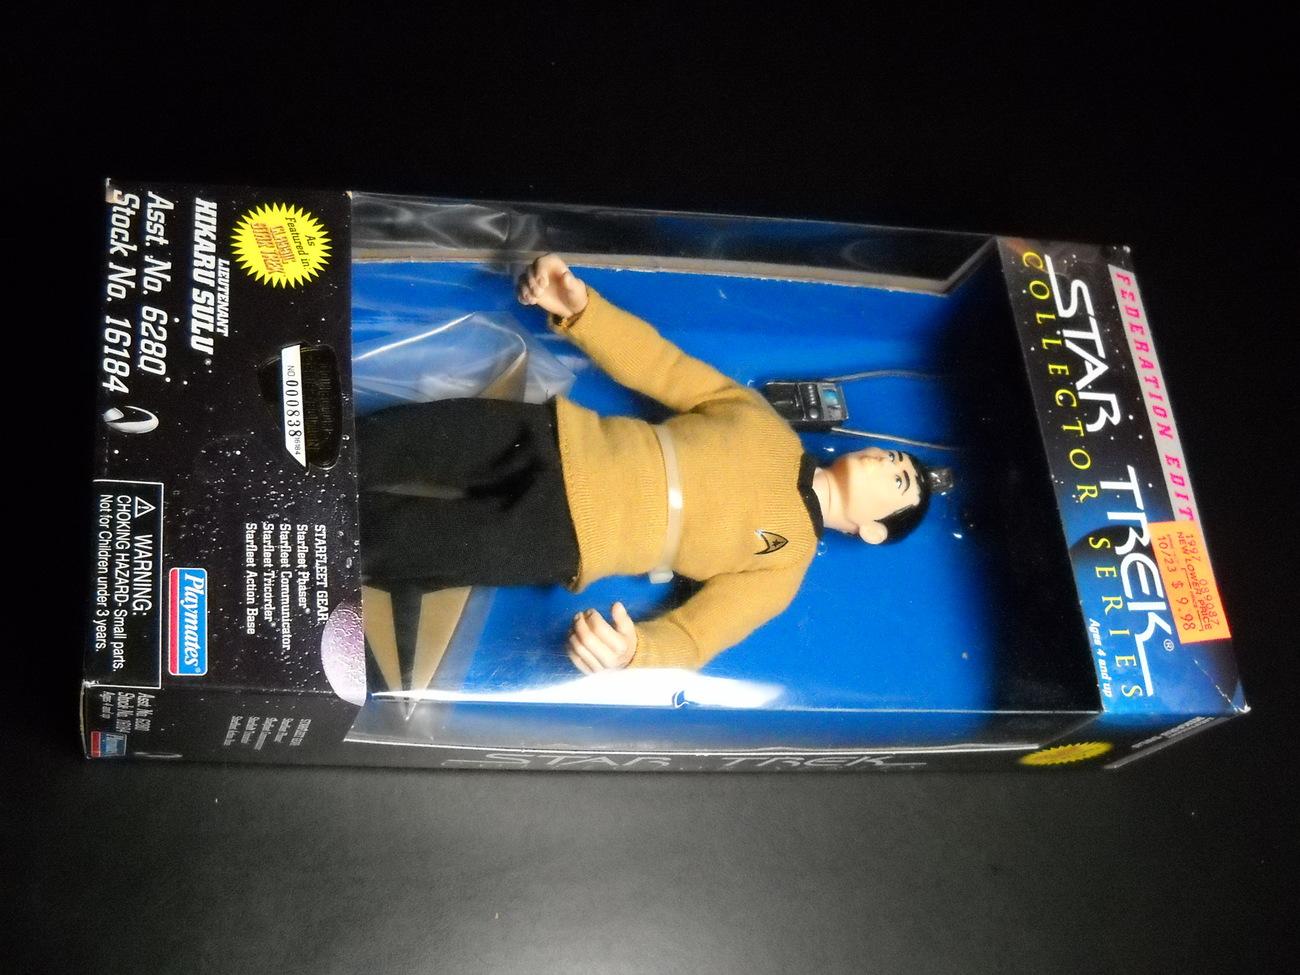 Toy star trek playmates federation edition lieutenant hikaru sulu 9 inch 1997 boxed sealed 01